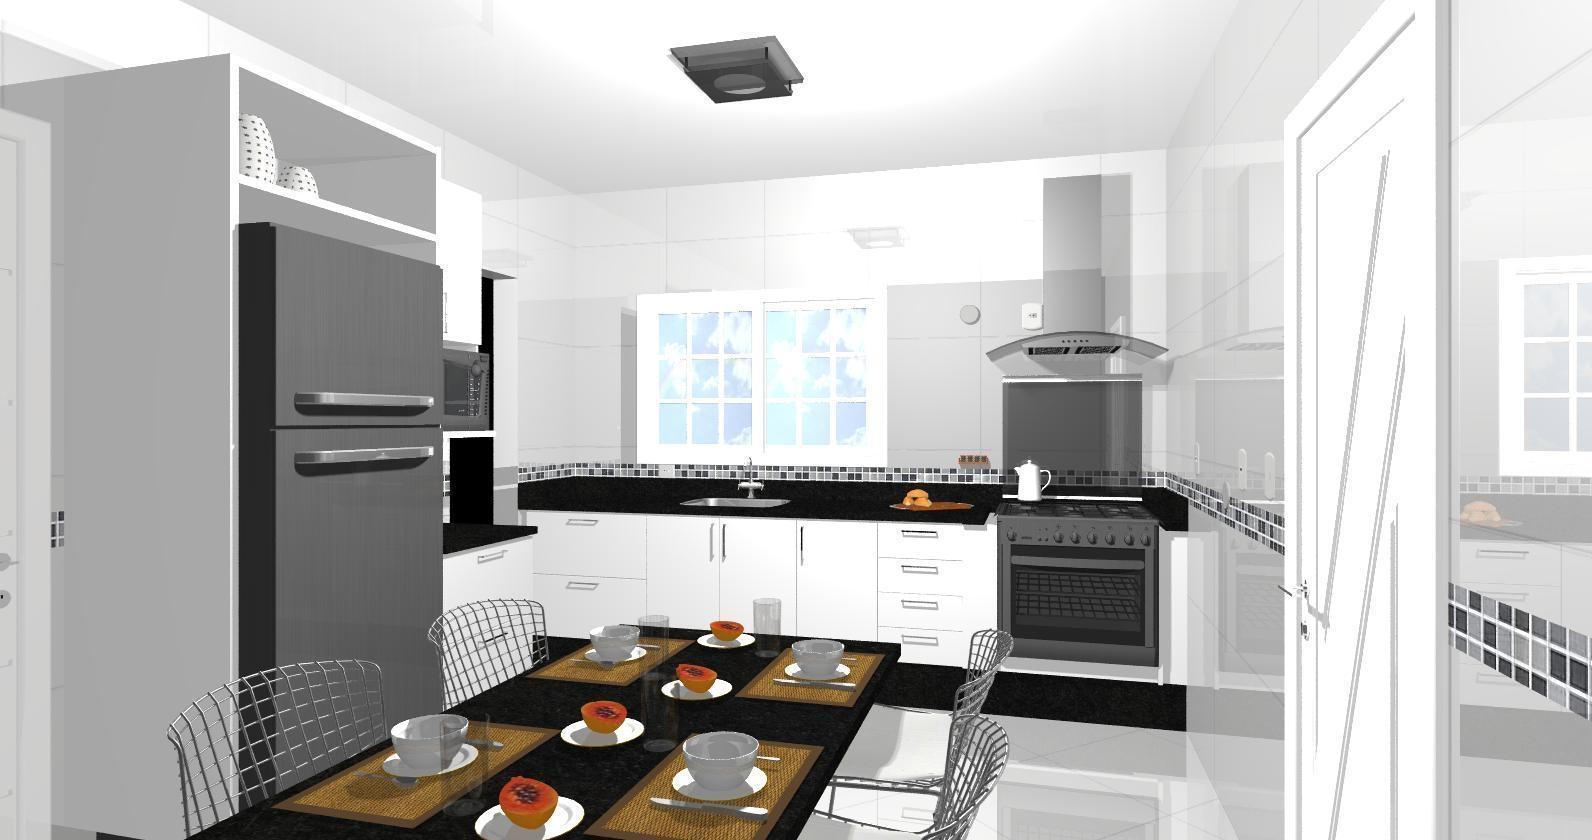 Projetos Home Cozinha Espaço Gourmet Área De Serviço Pictures #AC421F 1592 840